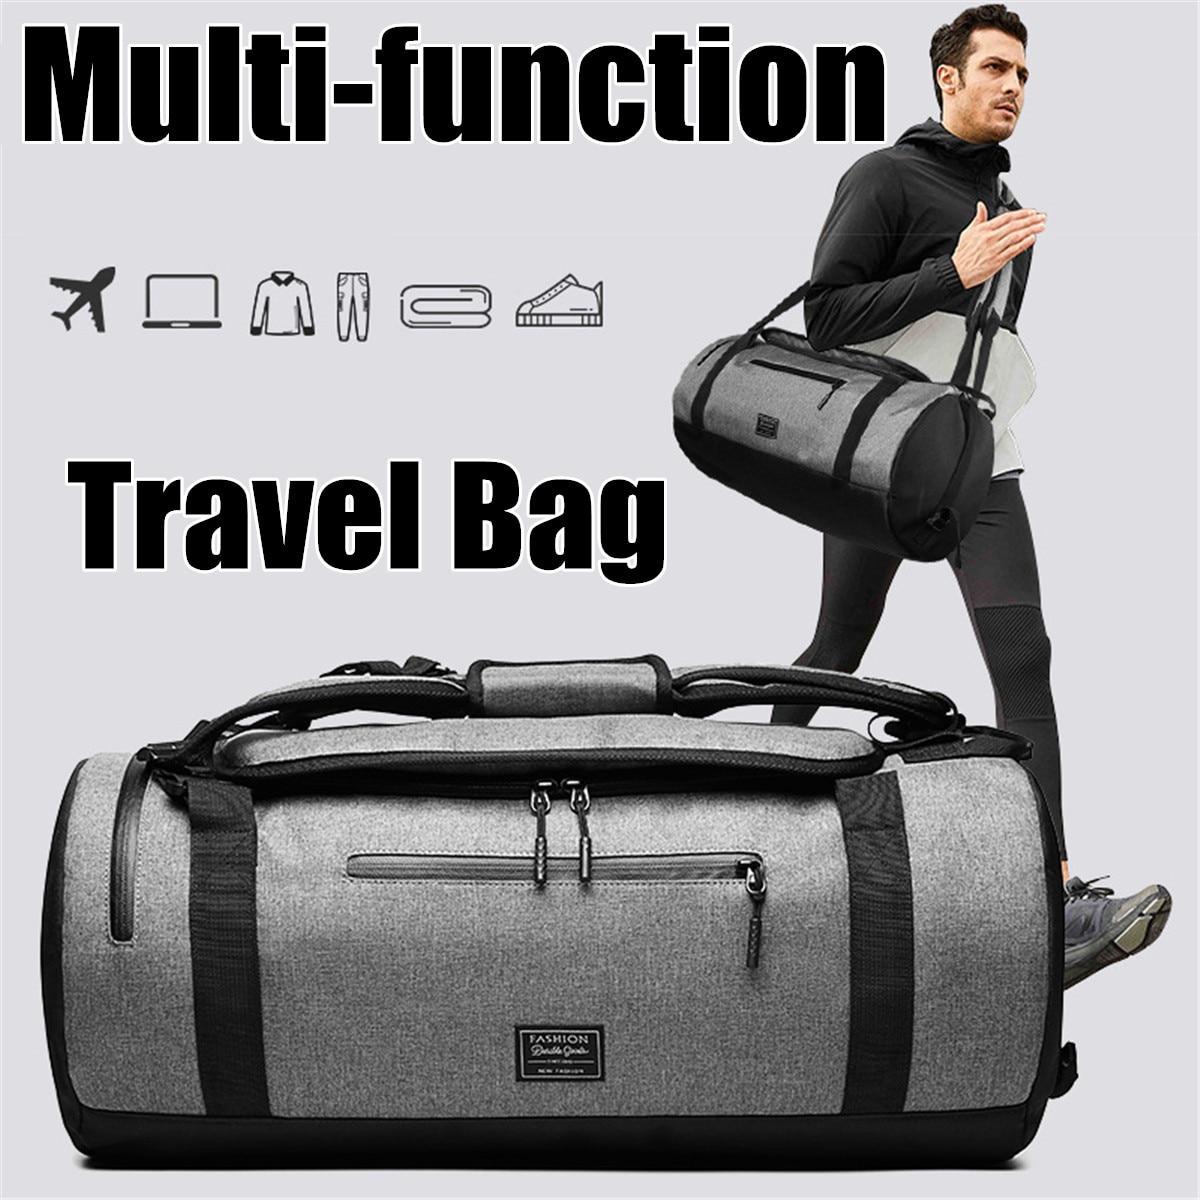 Bolsas de lona de viaje multifunción para hombre, bolsas deportivas para mujer, mochilas para ordenador portátil, bolsa de almacenamiento de viaje manual con bolsillo para zapatos